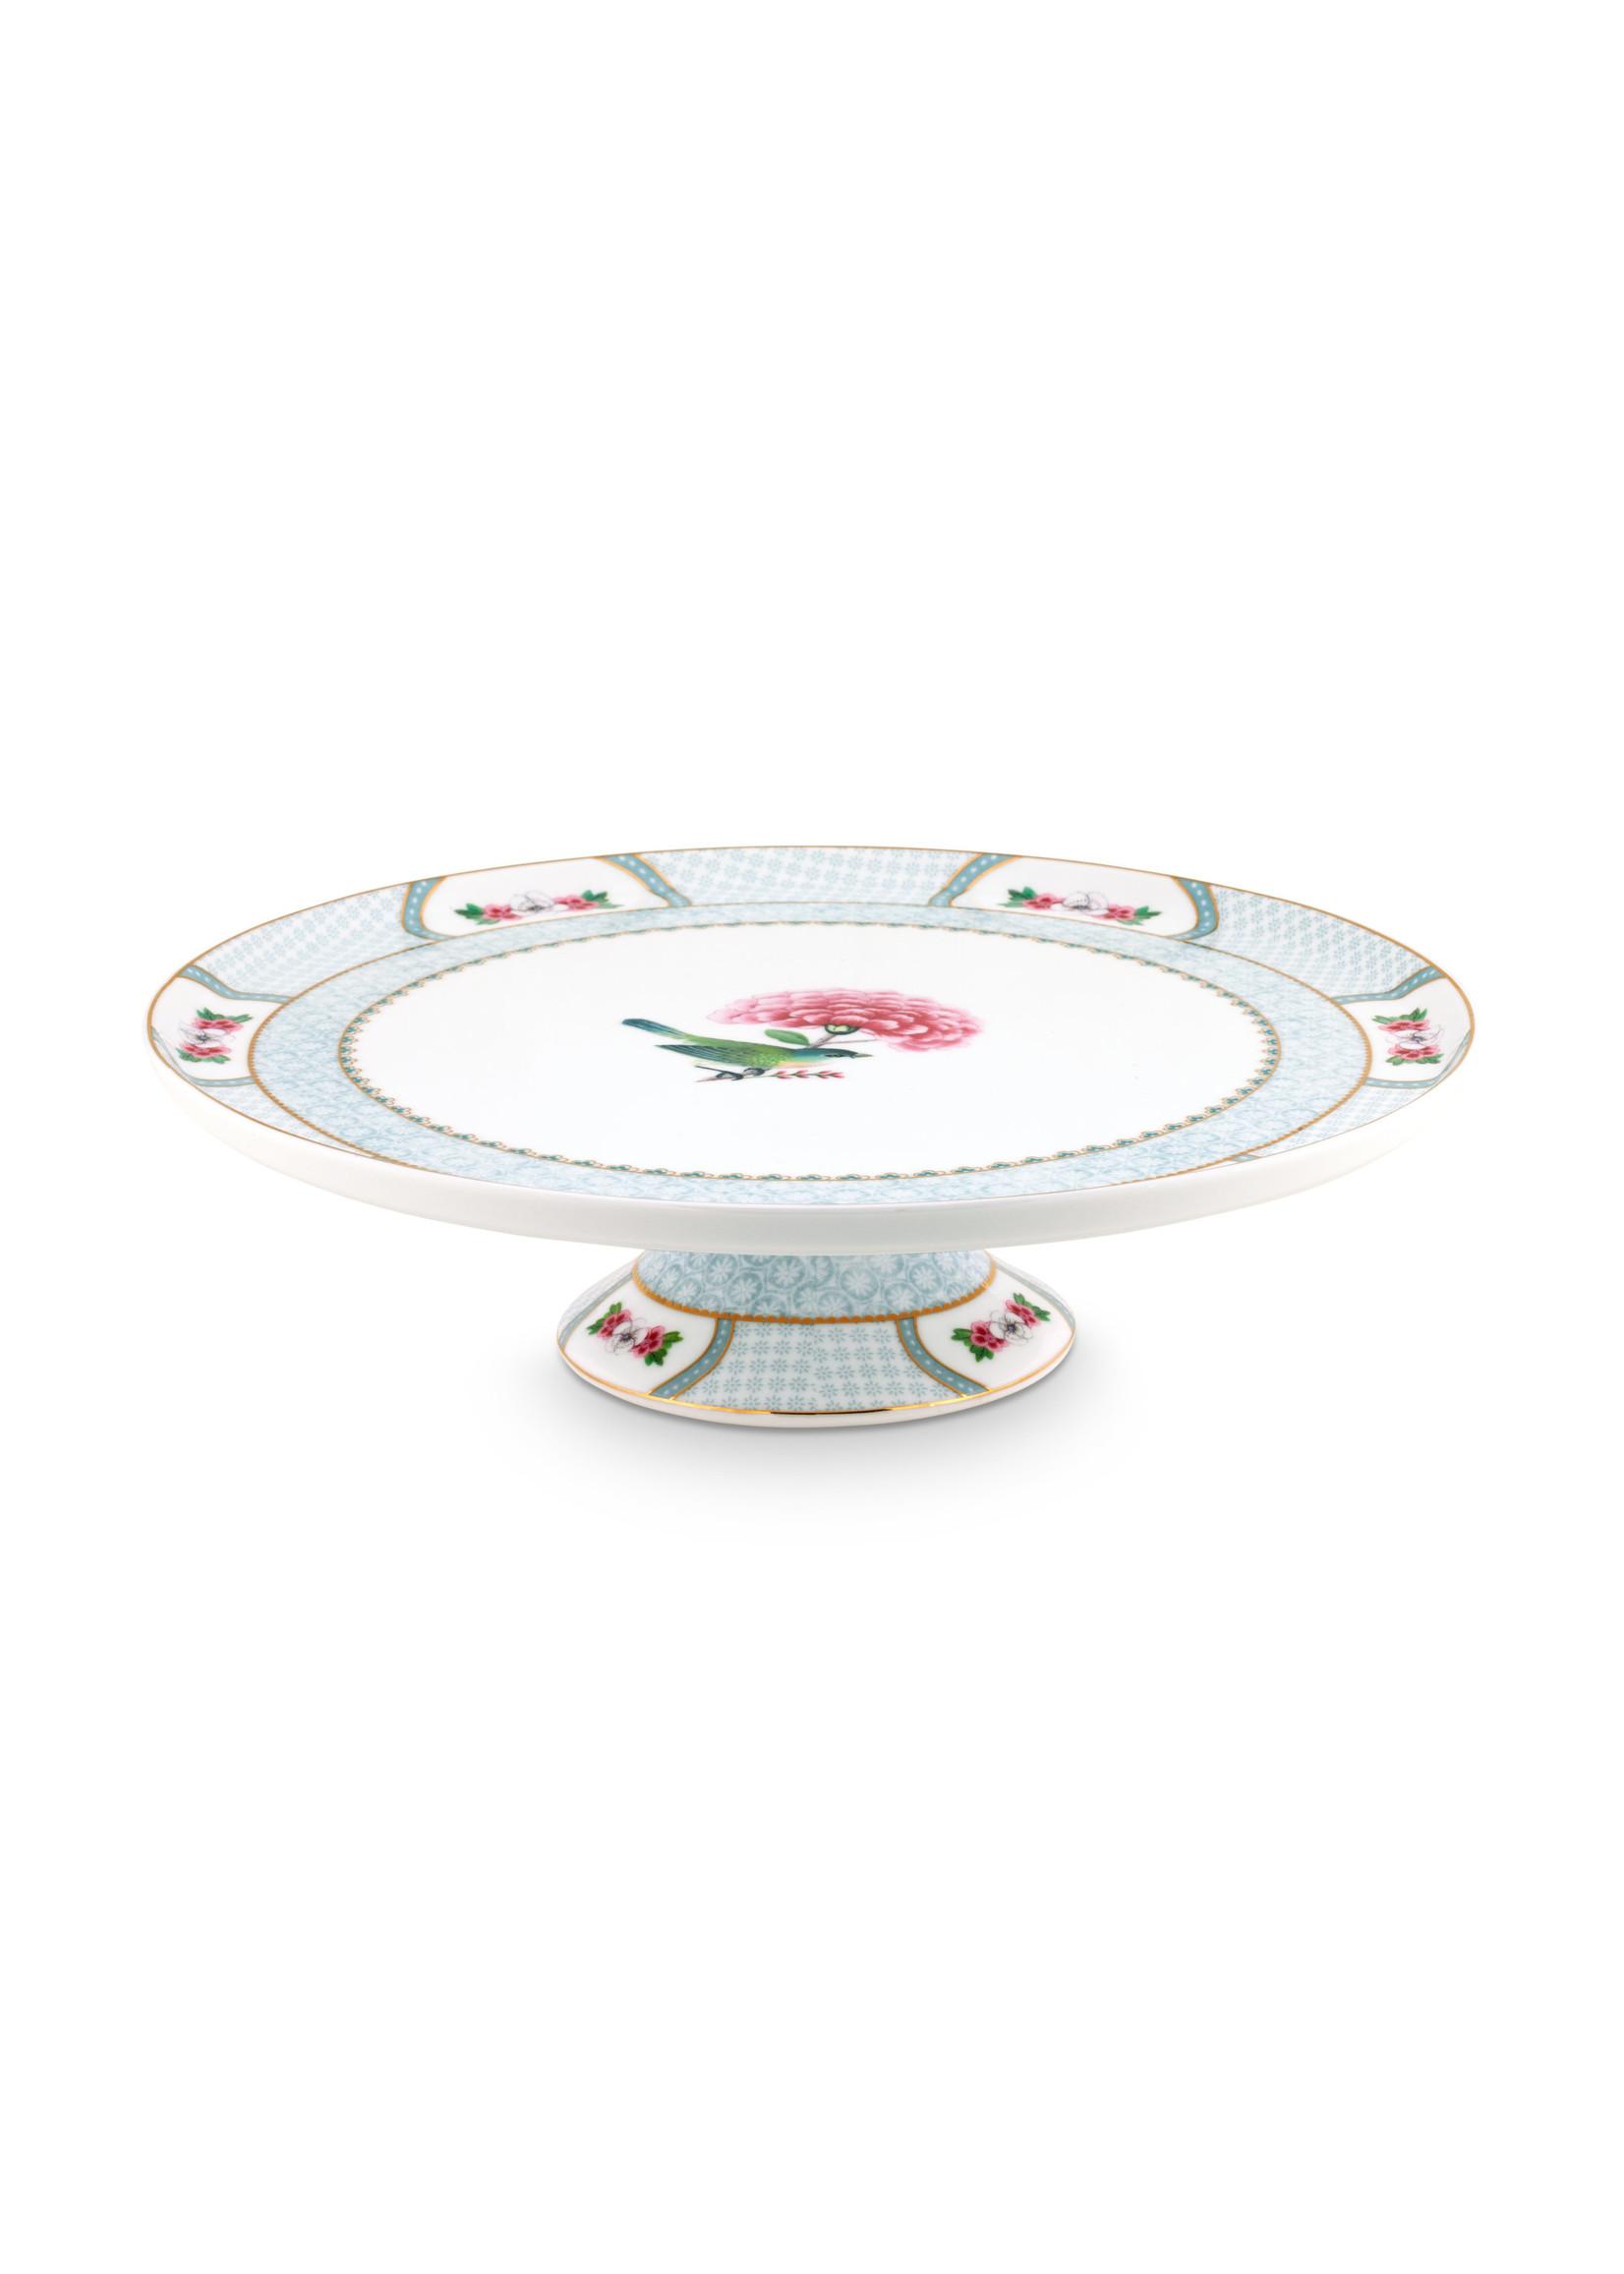 pip studio Cake Tray Blushing Birds White 30.5cm